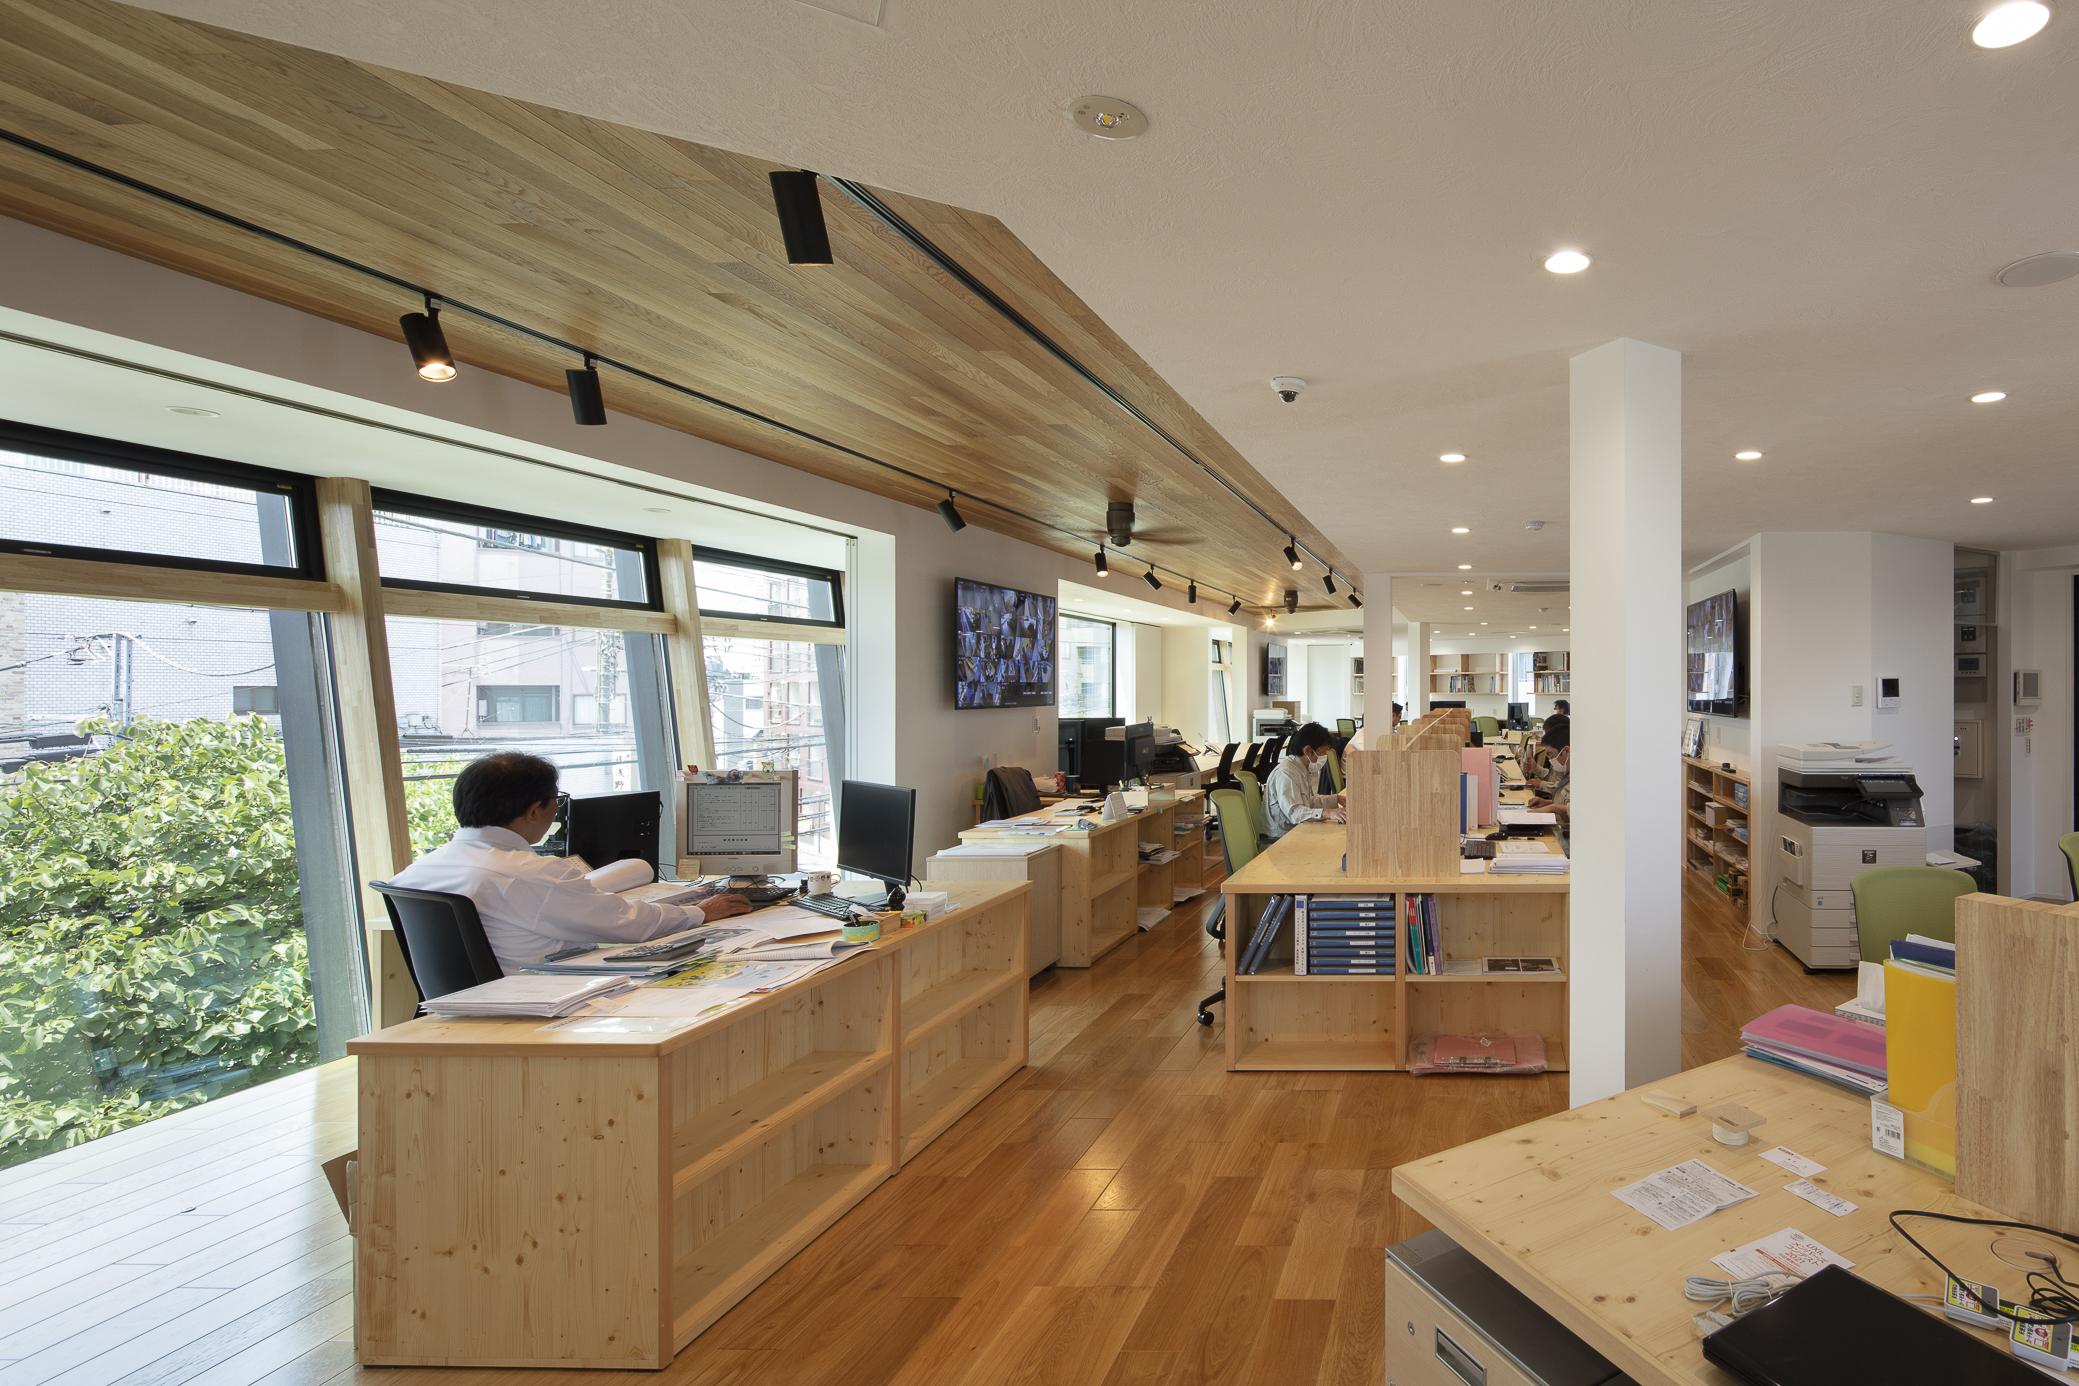 3階の事務所は三角形の平面形状により3方向に開口部があり、明るく開放的なオフィス空間